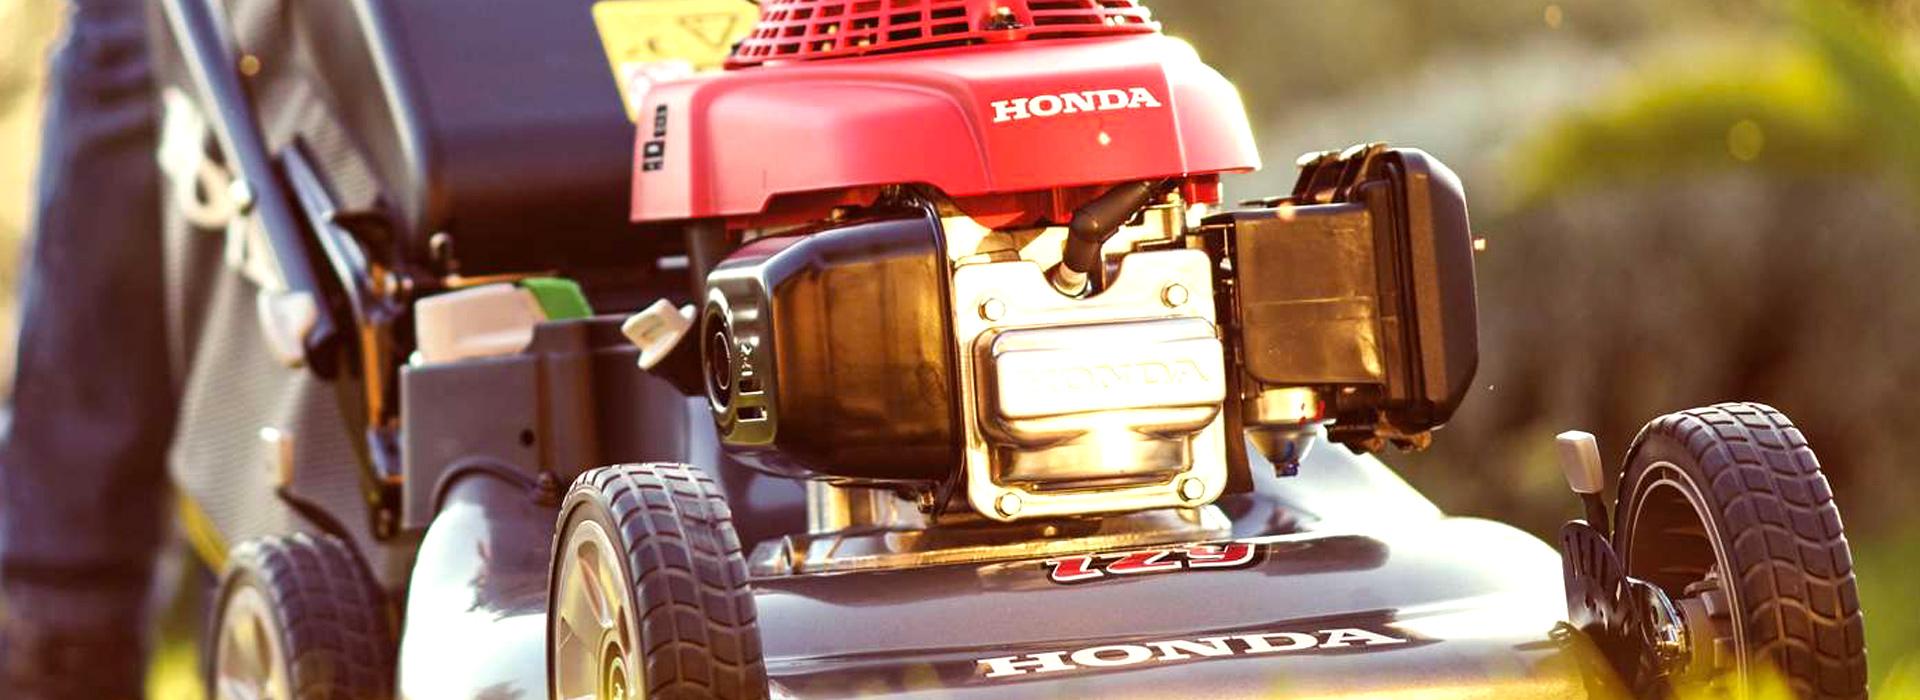 Rasaerba Honda